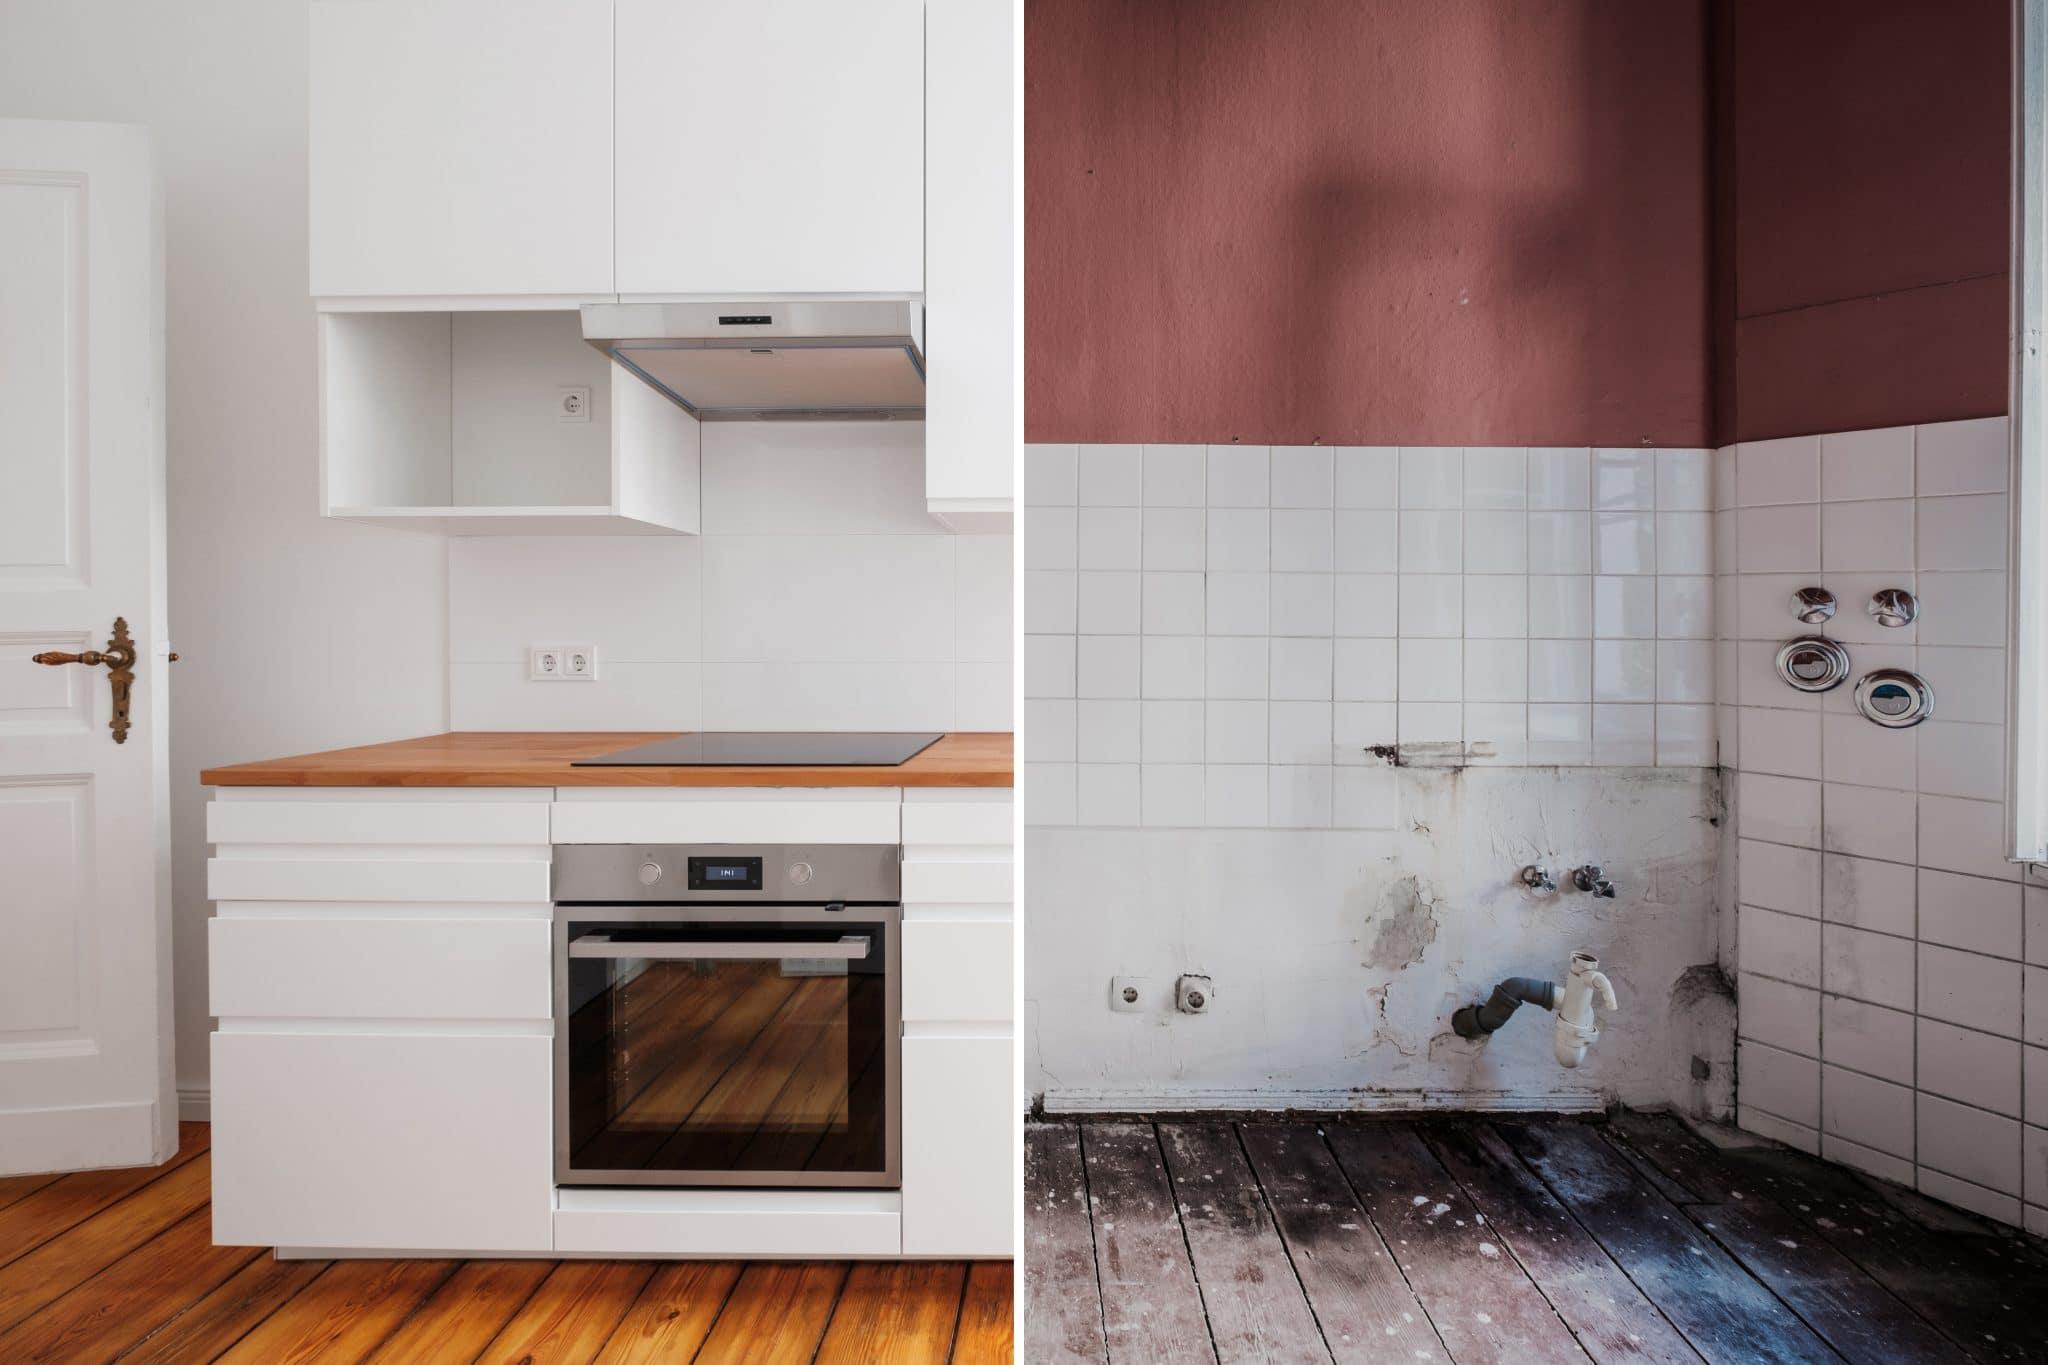 Rénovation et relooking d'une cuisine bois